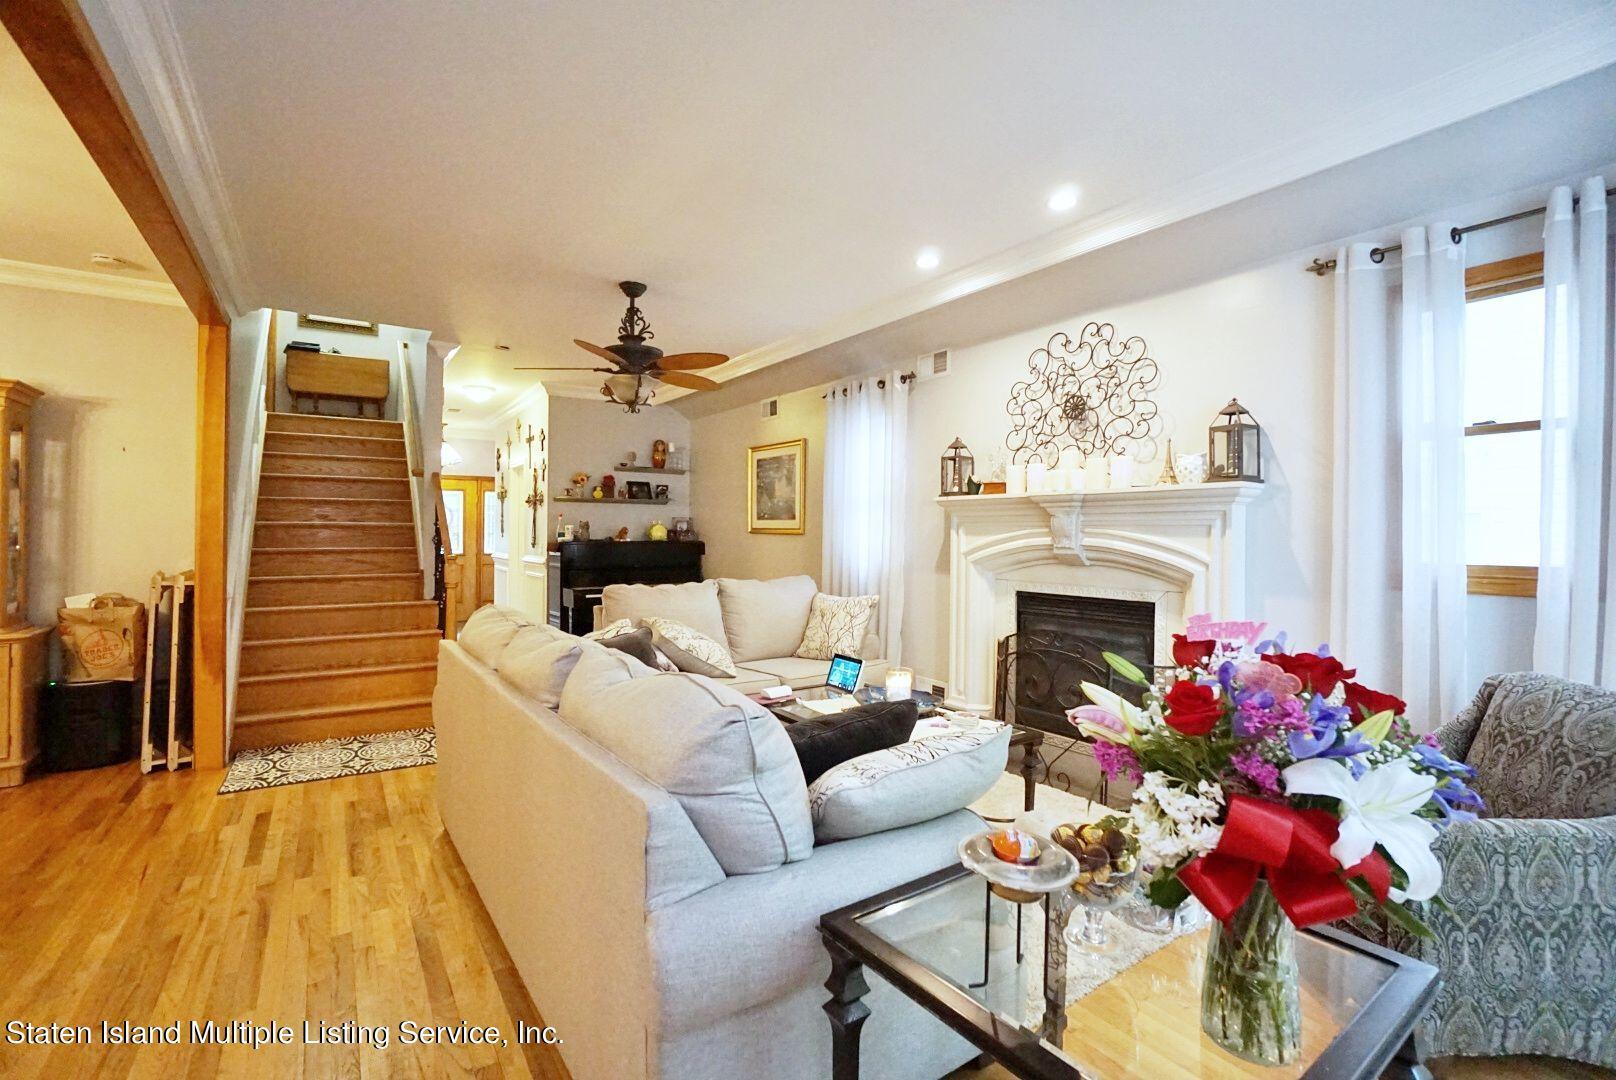 Single Family - Detached 311 Sharrott Avenue  Staten Island, NY 10309, MLS-1146042-23